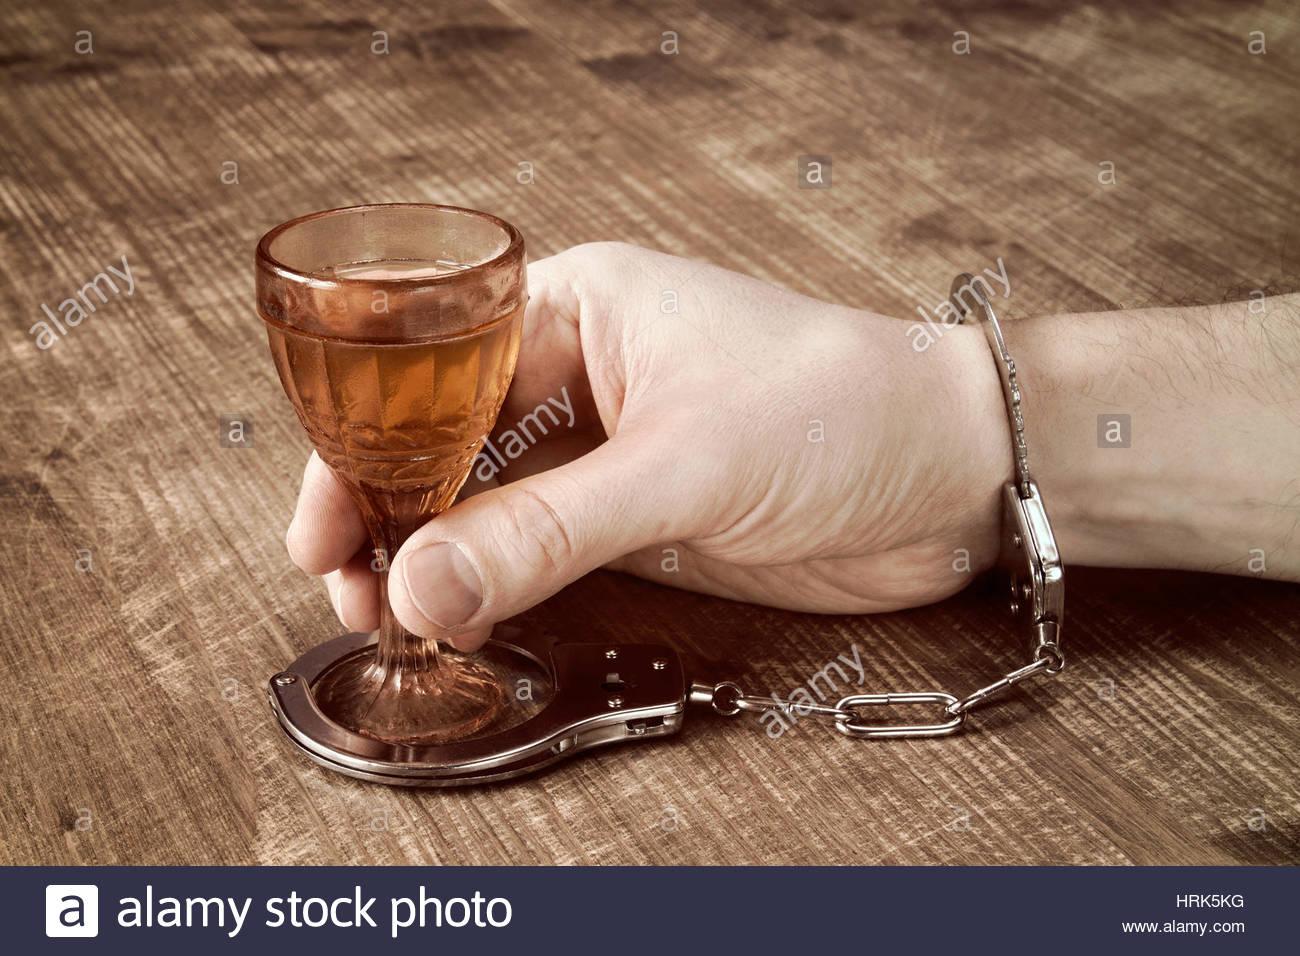 la-adiccion-al-alcohol-la-mano-esposado-con-un-vaso-de-alcohol-hrk5kg